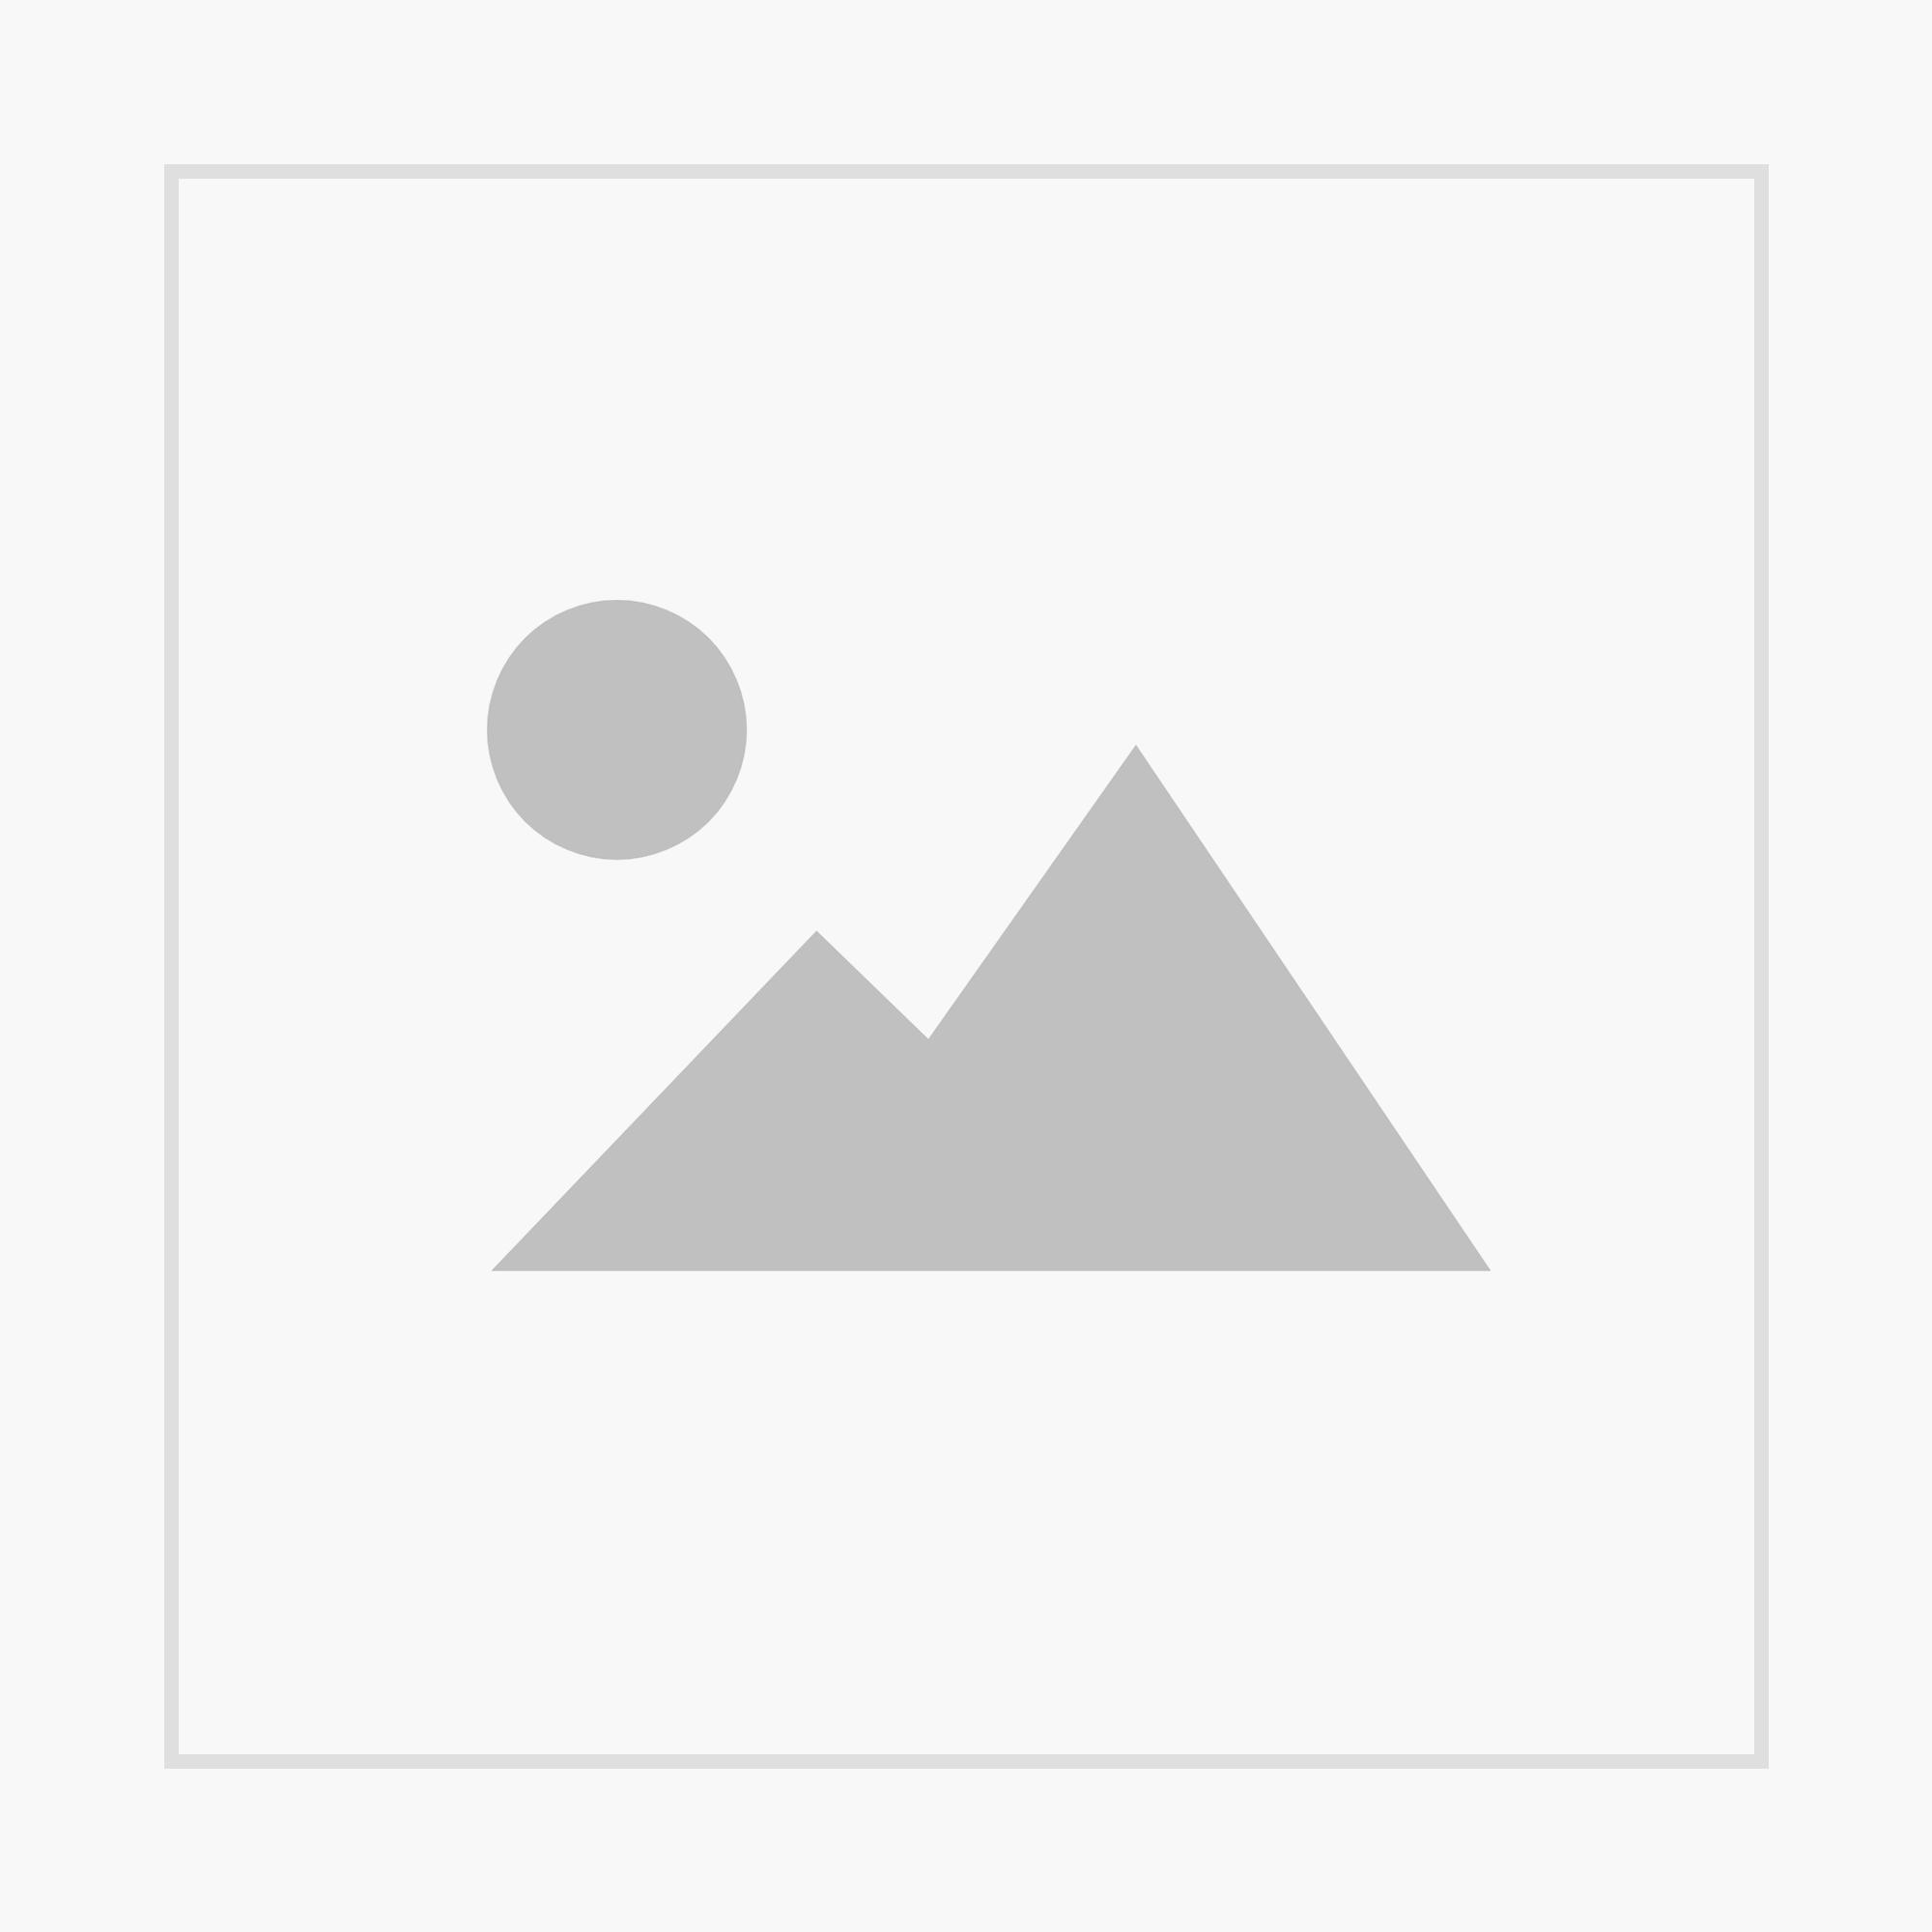 ALÖ Heft 57: Naturschutz, Naherholung und Landwirtschaft am Stadtrand. Integrierte Landnutzung als Konzept suburbaner Landschaftsentwicklung [...]